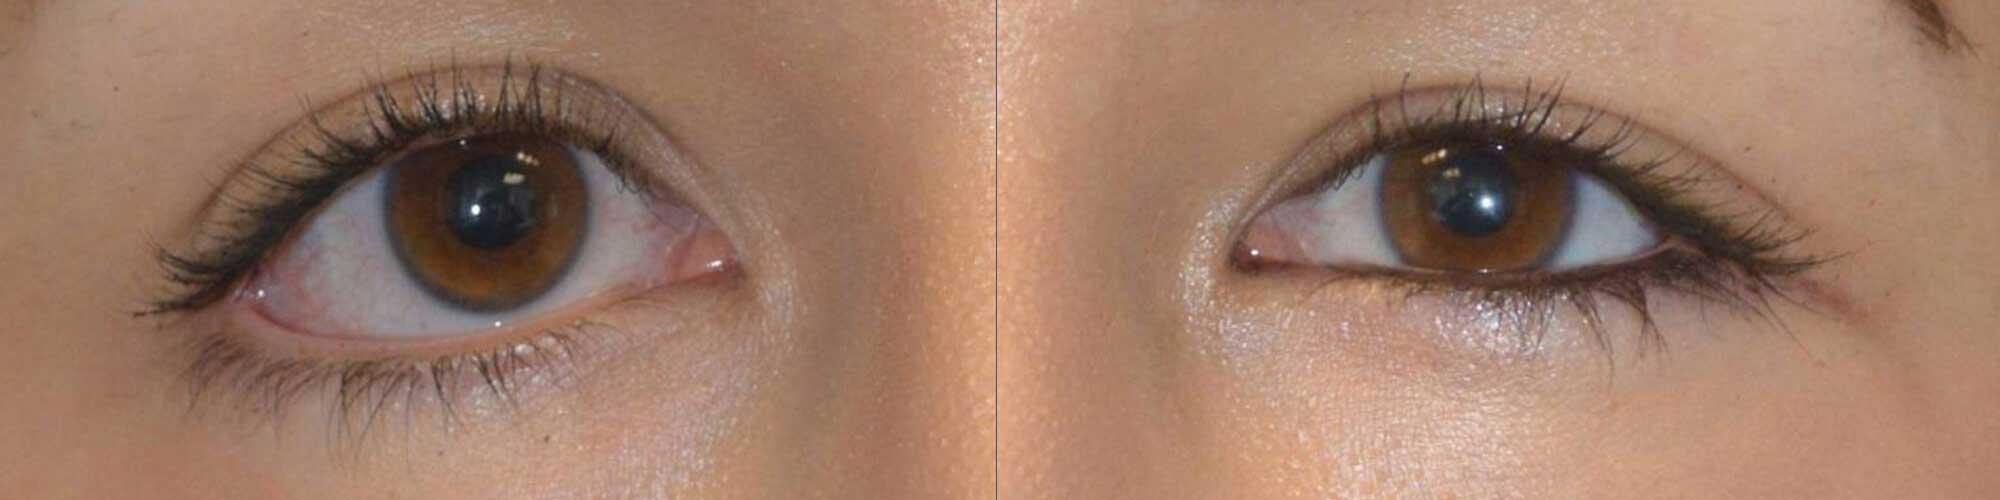 congenital lower eyelid retraction